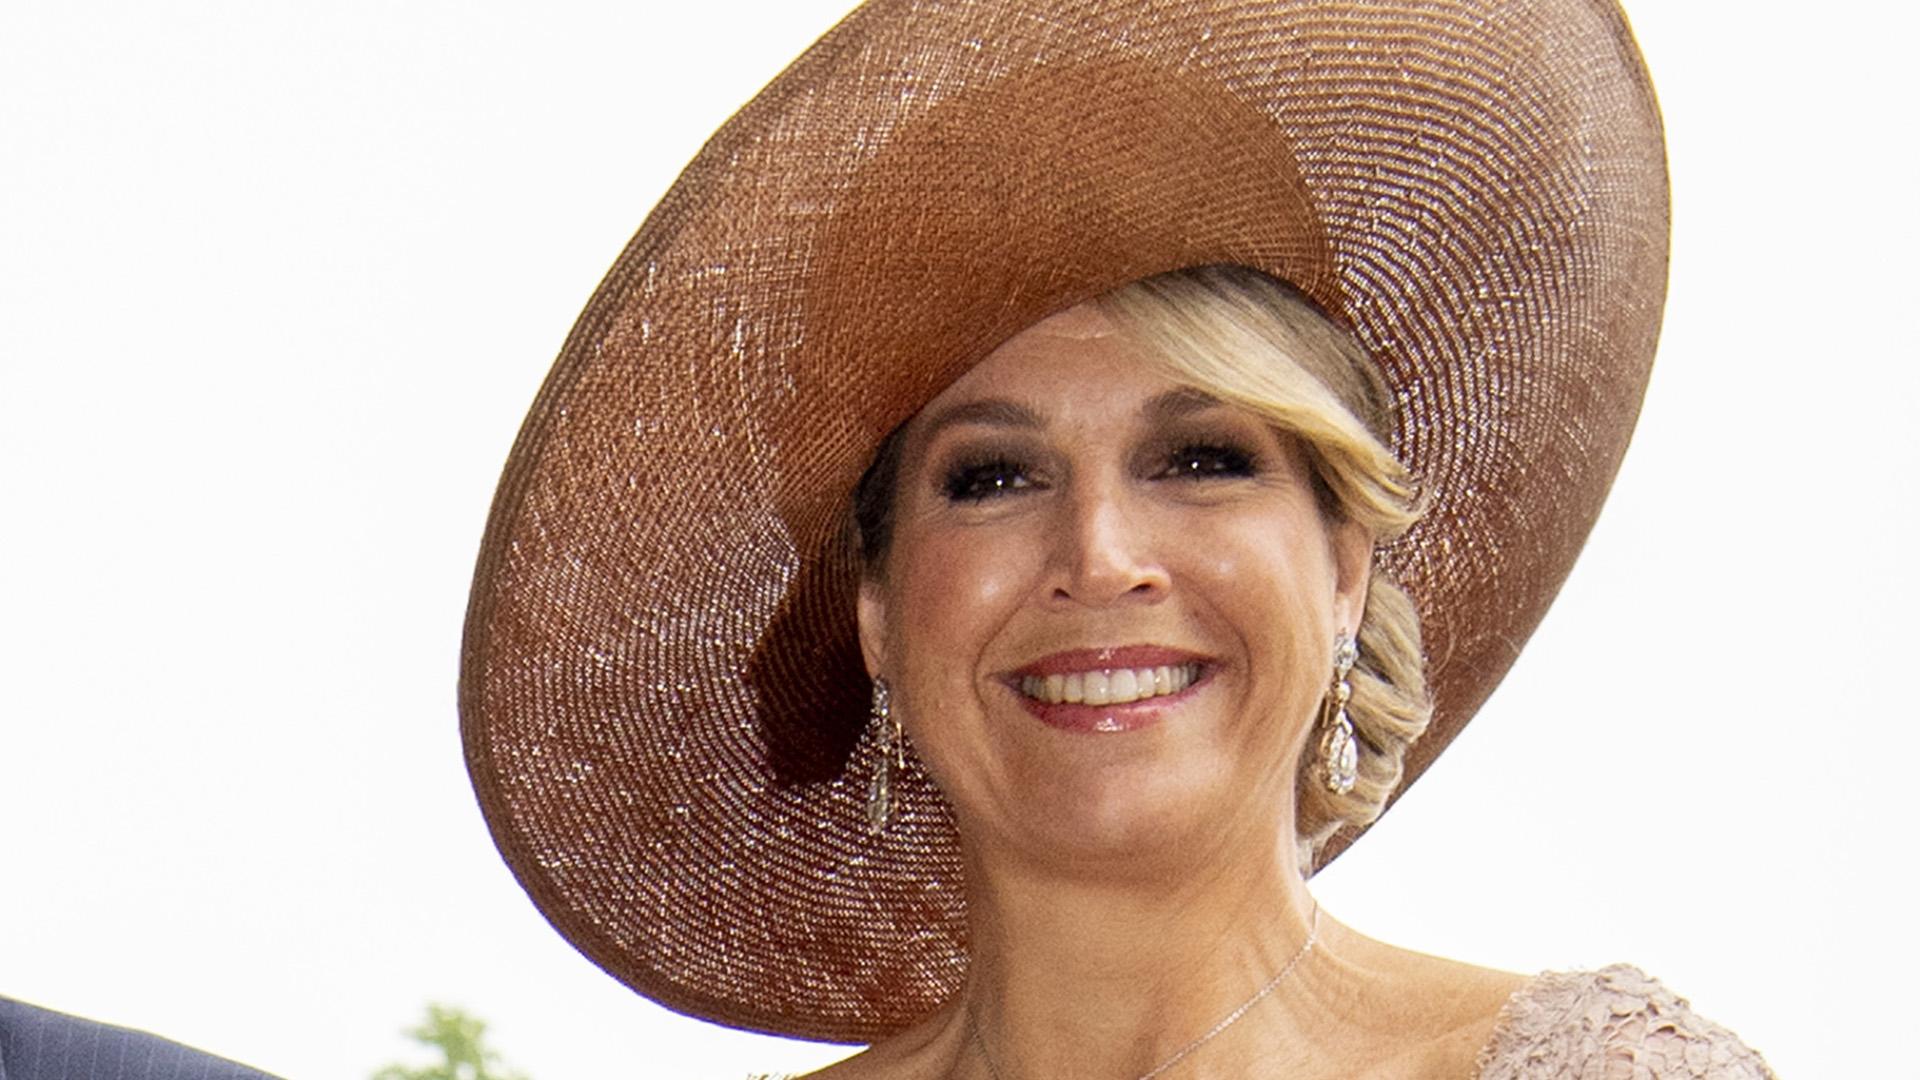 Los grandes sombreros y tocados son infaltables en sus glamorosos outfits